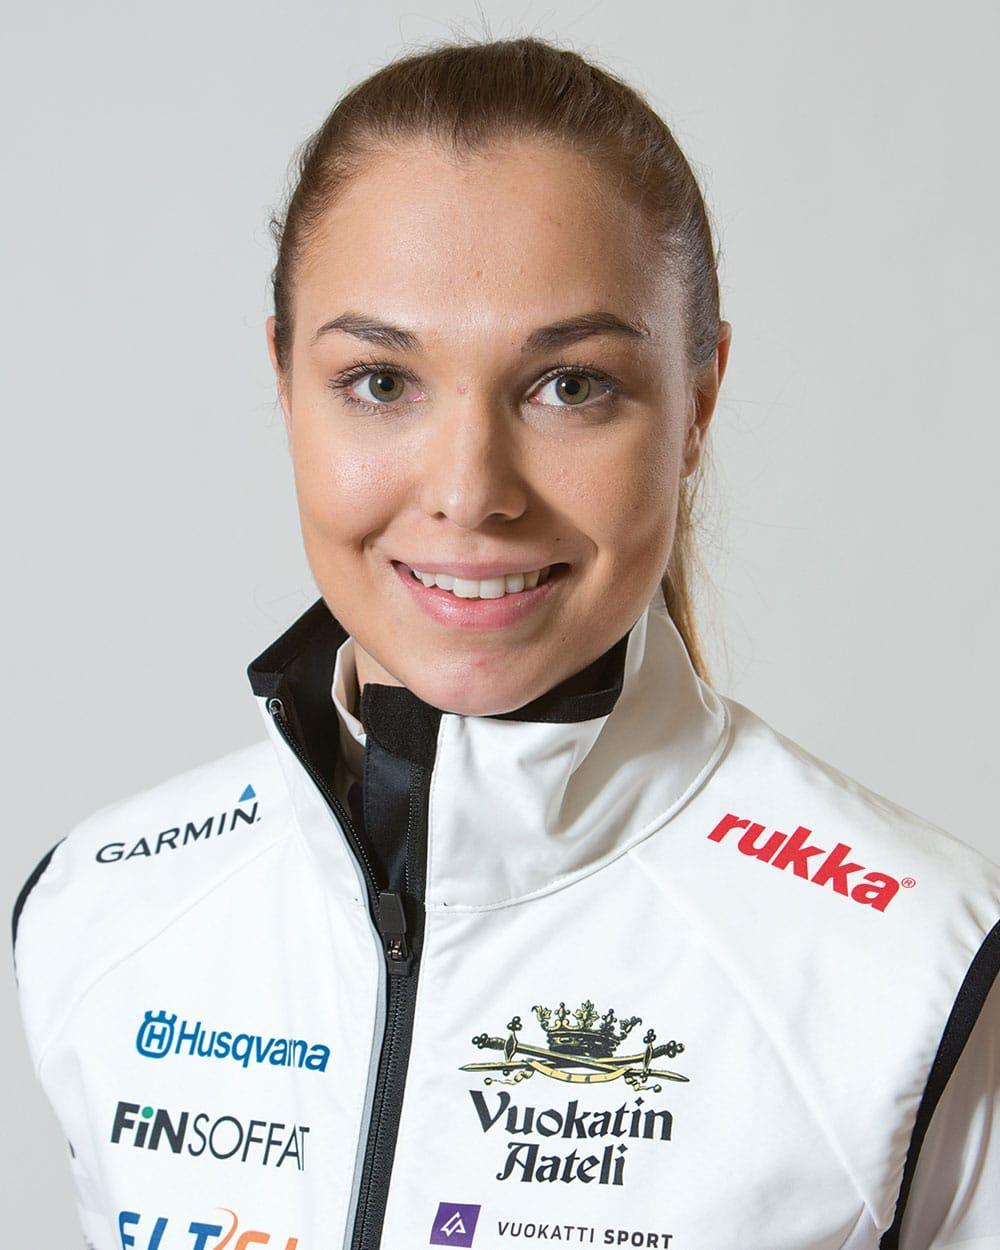 Sanna Martikkala